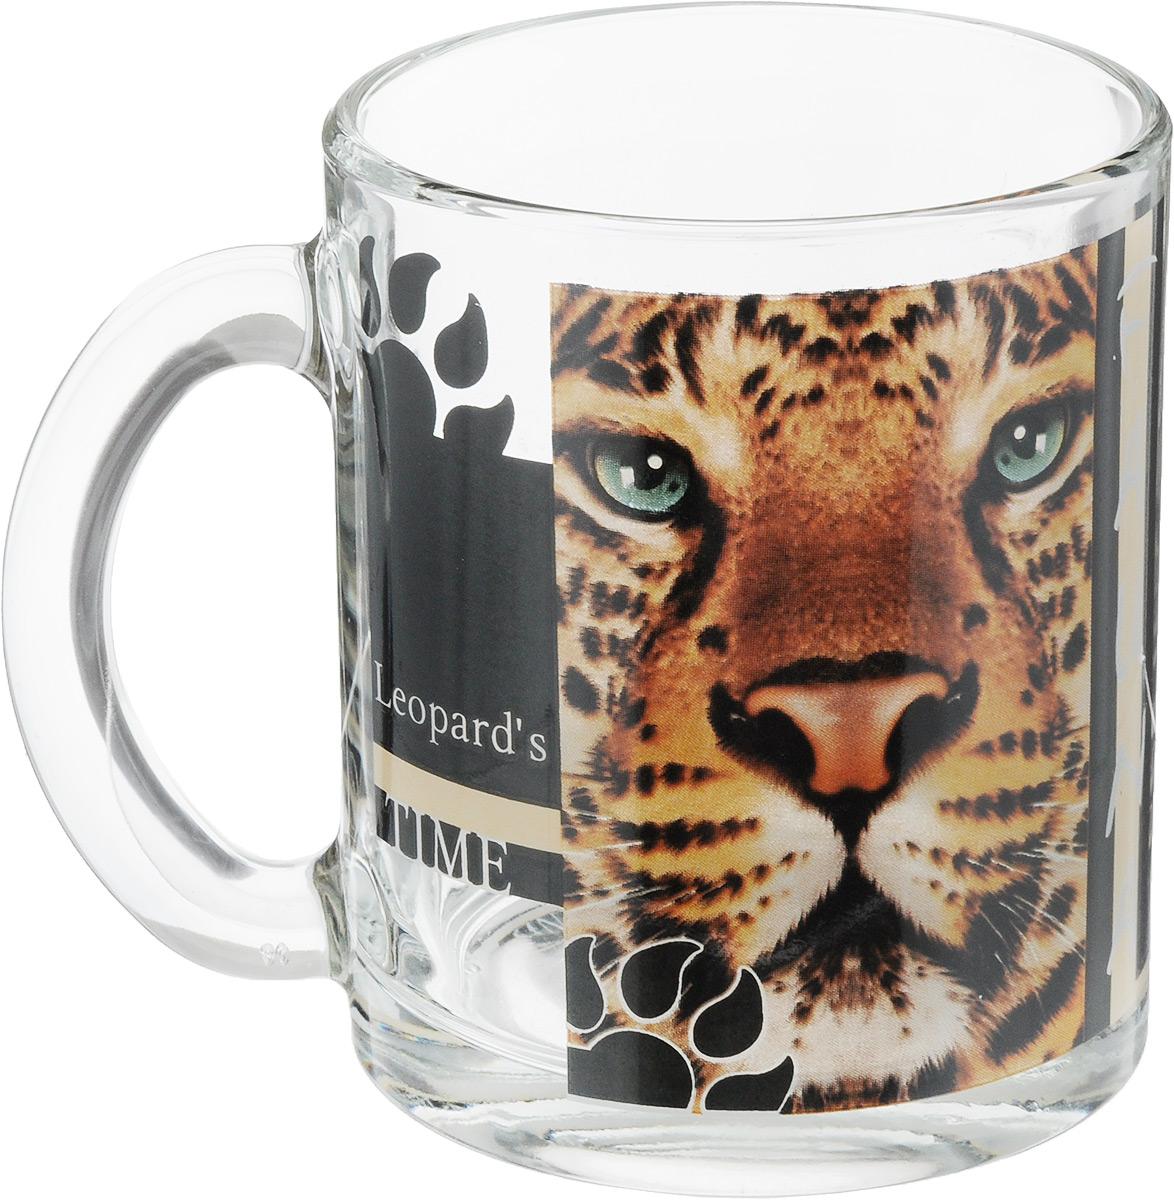 Кружка OSZ Чайная. Дикие кошки. Леопард, 320 мл115510Кружка OSZ Чайная. Дикие кошки. Леопард изготовлена из стекла и декорирована принтом.Диаметр (по верхнему краю): 8 см. Высота: 9,5 см. Объем: 320 мл.